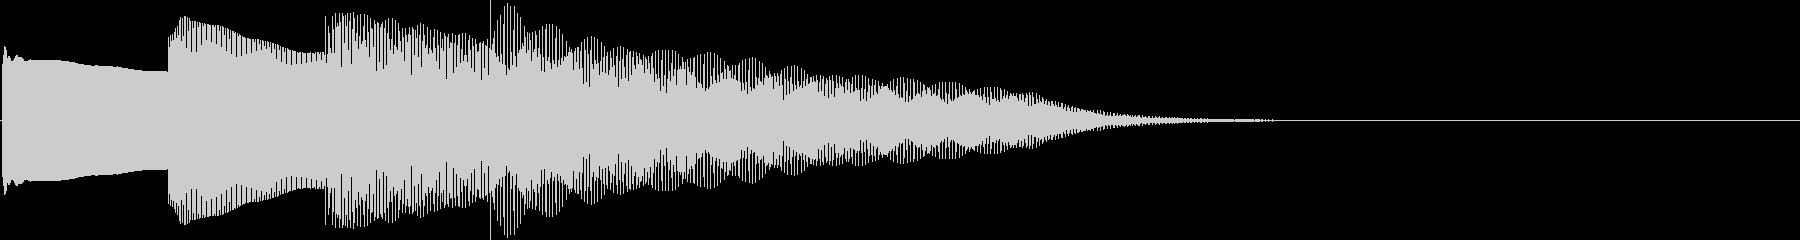 ピンポンパンポン、終了時の下降形。鉄琴の未再生の波形